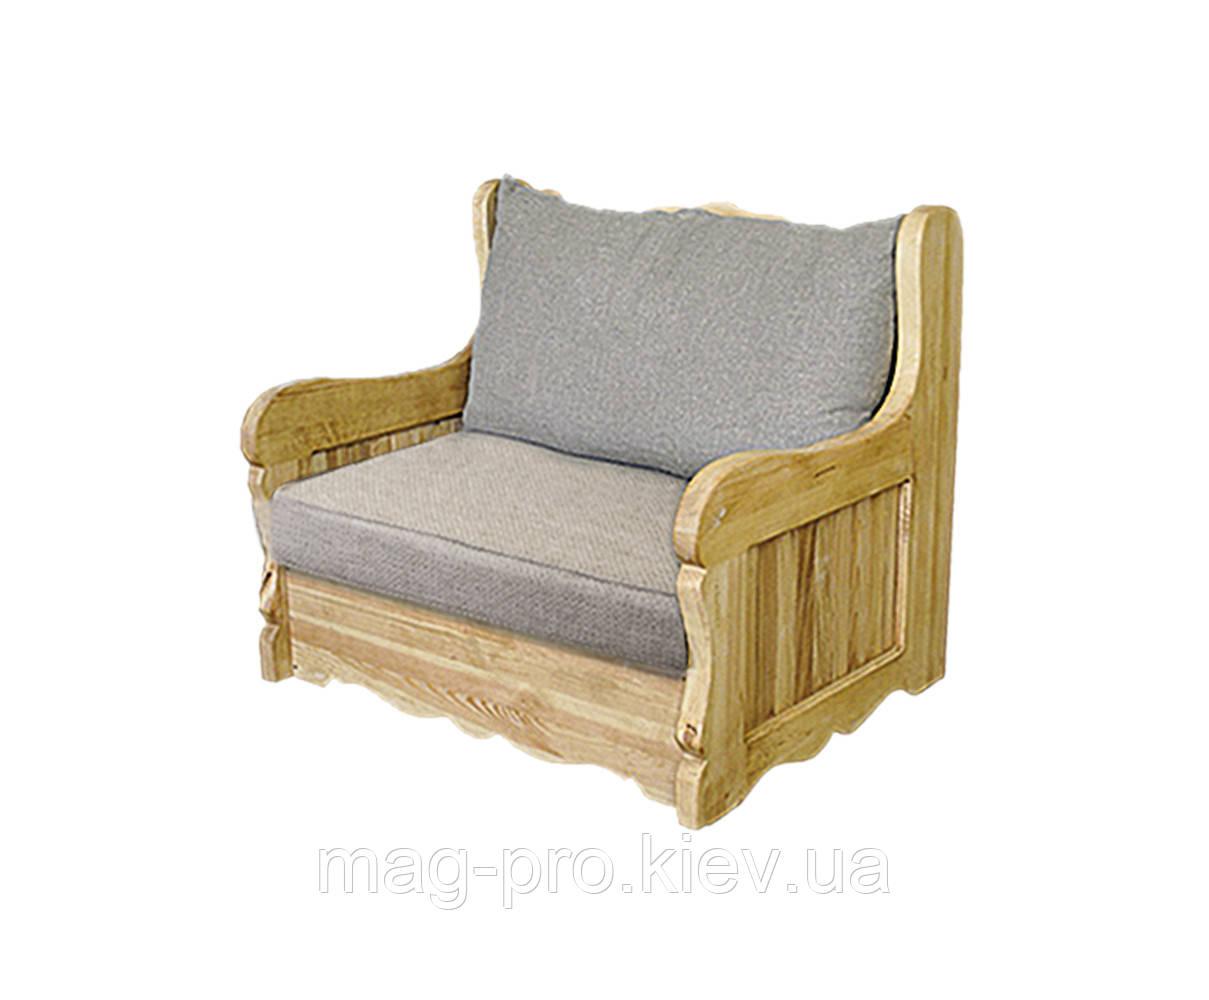 Кресло деревянное, сосна (натуральное дерево)